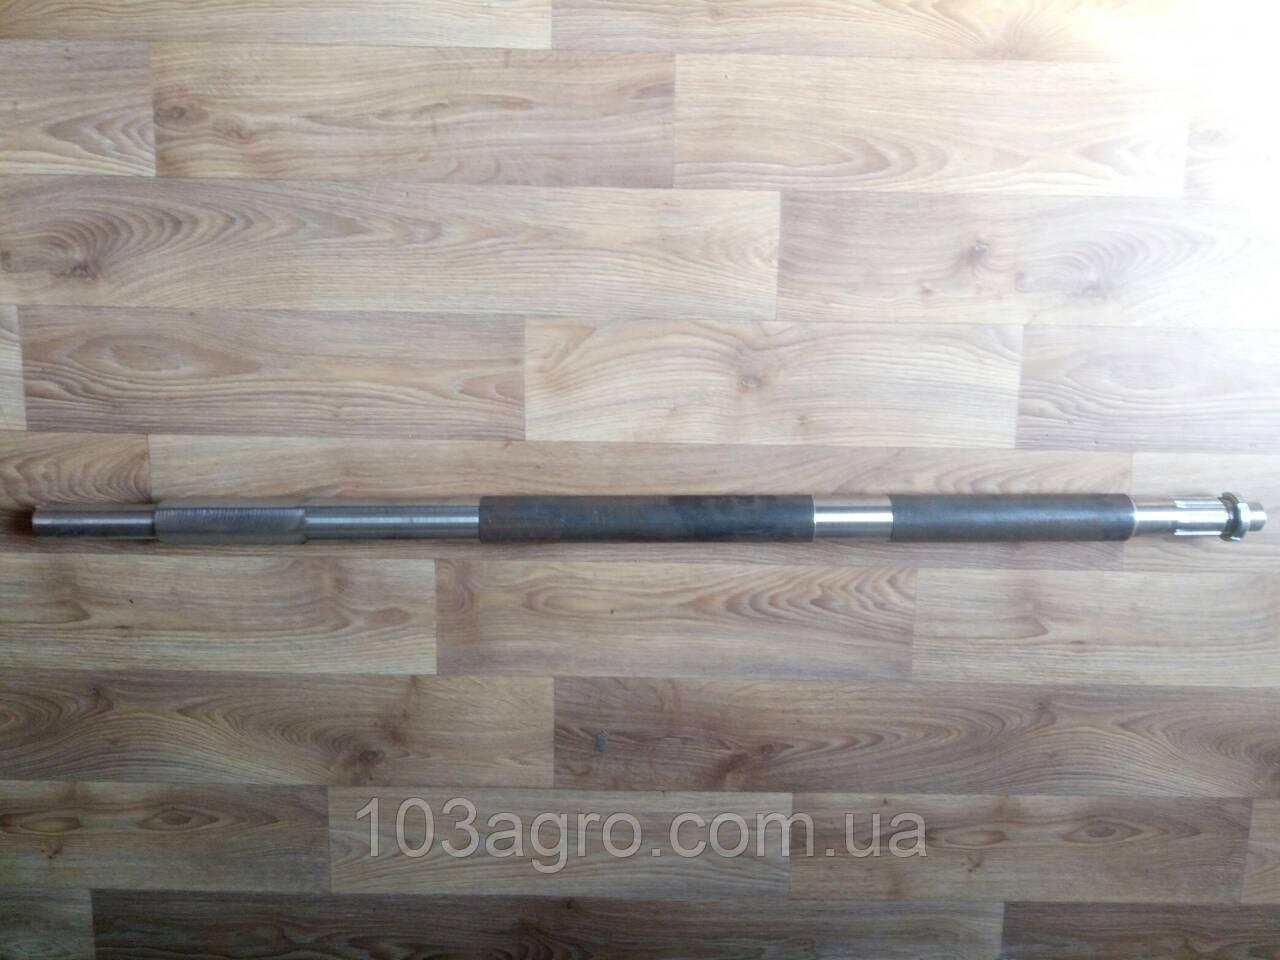 Вал грунтофрези 1.4м. Bomet (оригінал)